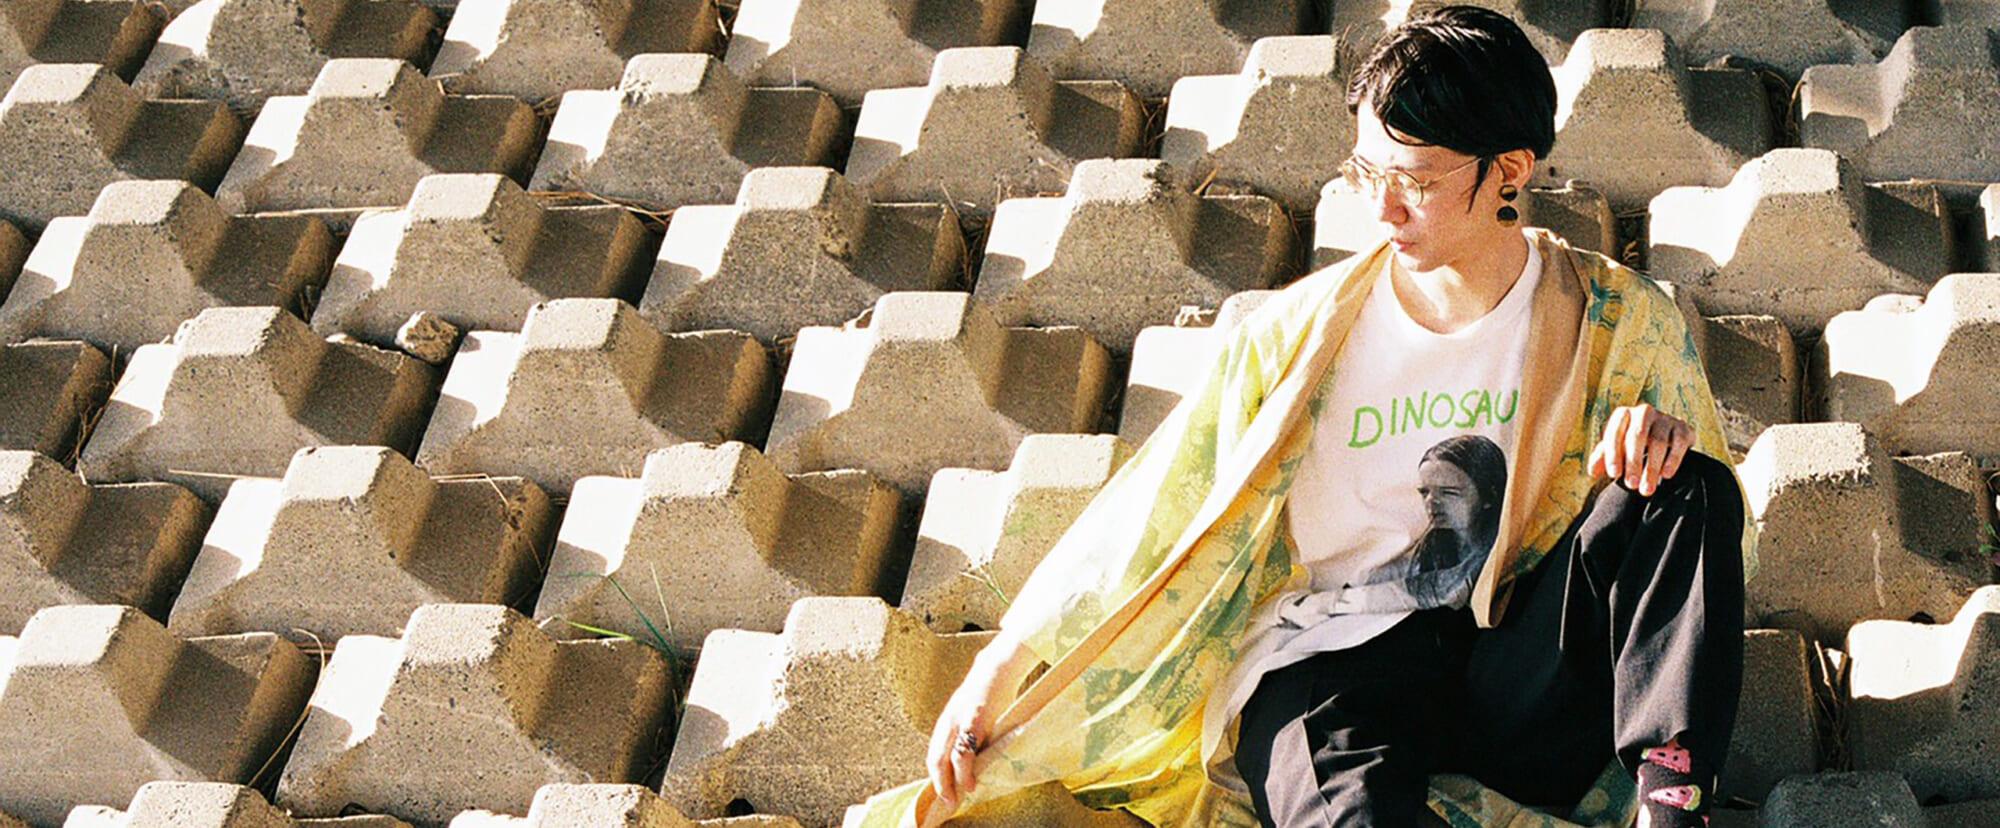 Interview|細井徳太郎(SMTK)ジャズとノイズの狭間